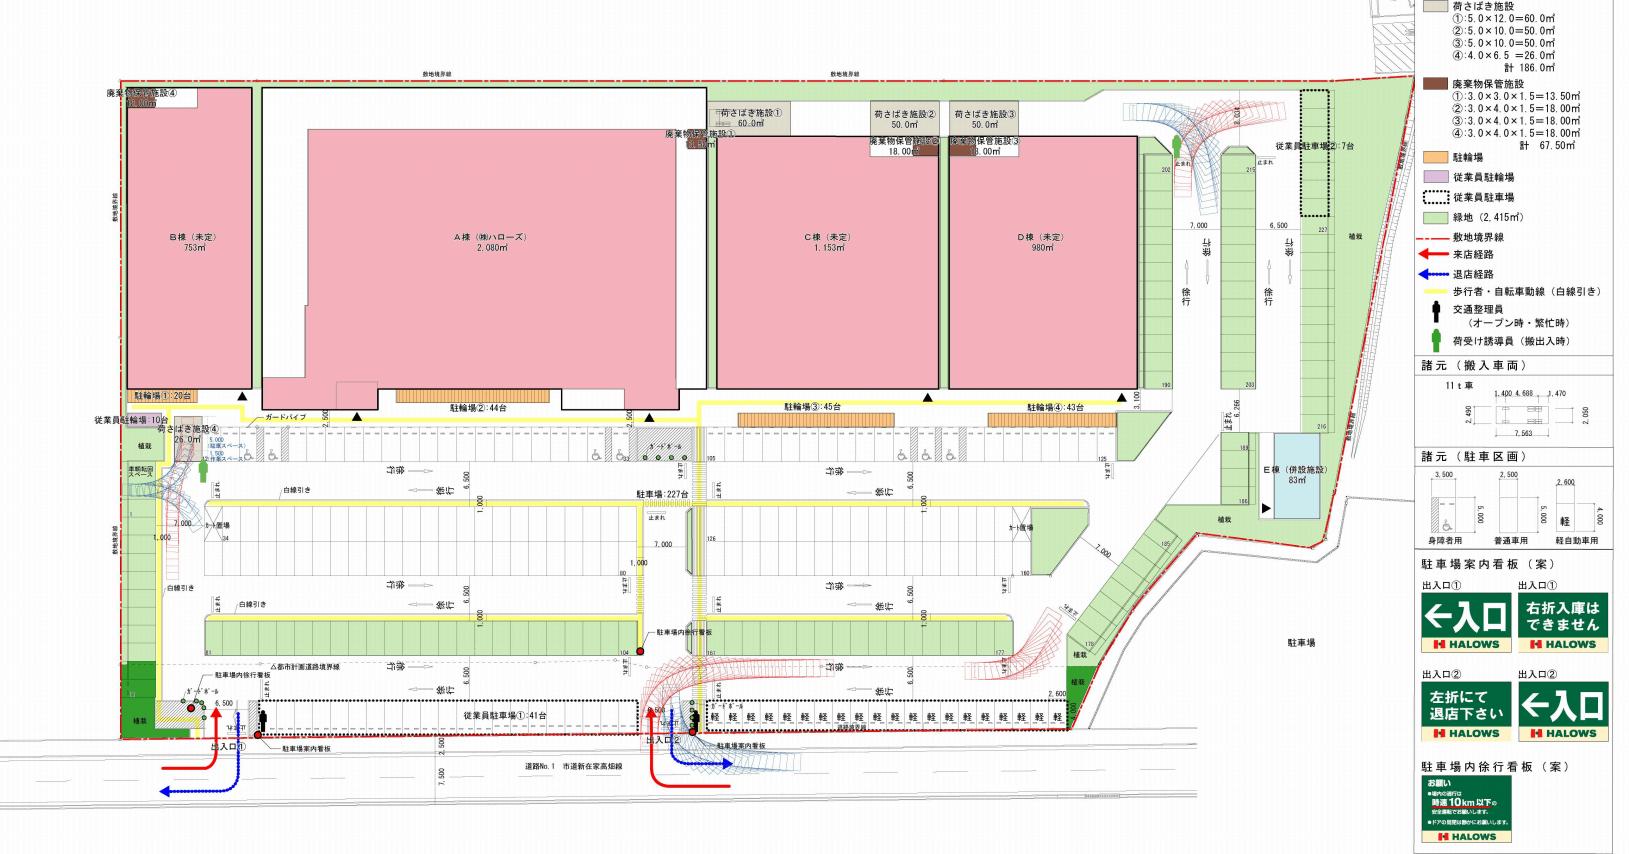 ハローズ東加古川モール建物配置図